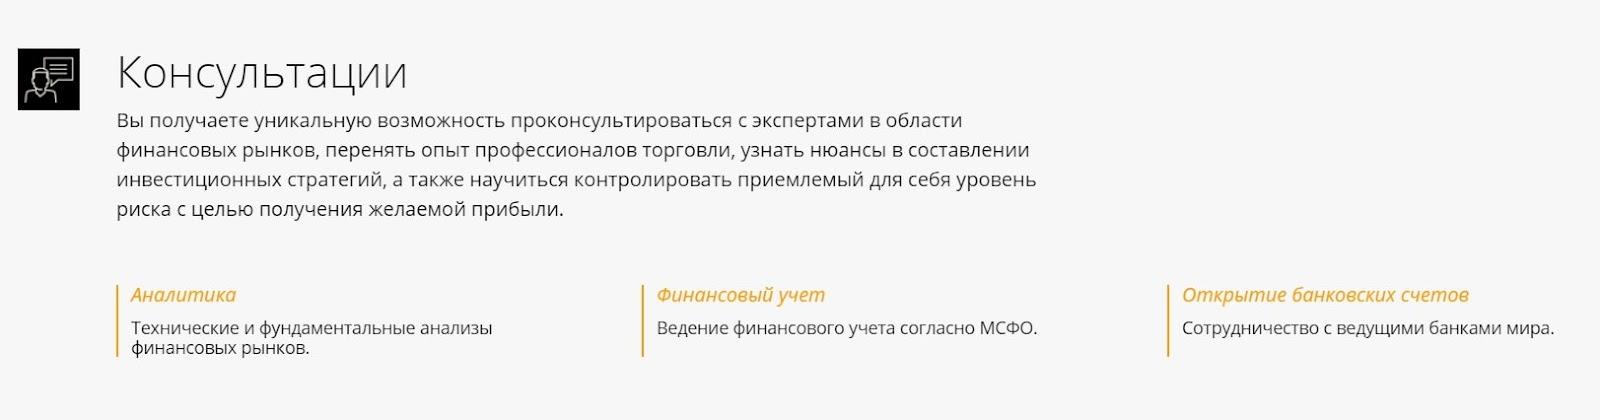 Обзор сервиса для онлайн-торговли Macte Invest, отзывы трейдеров